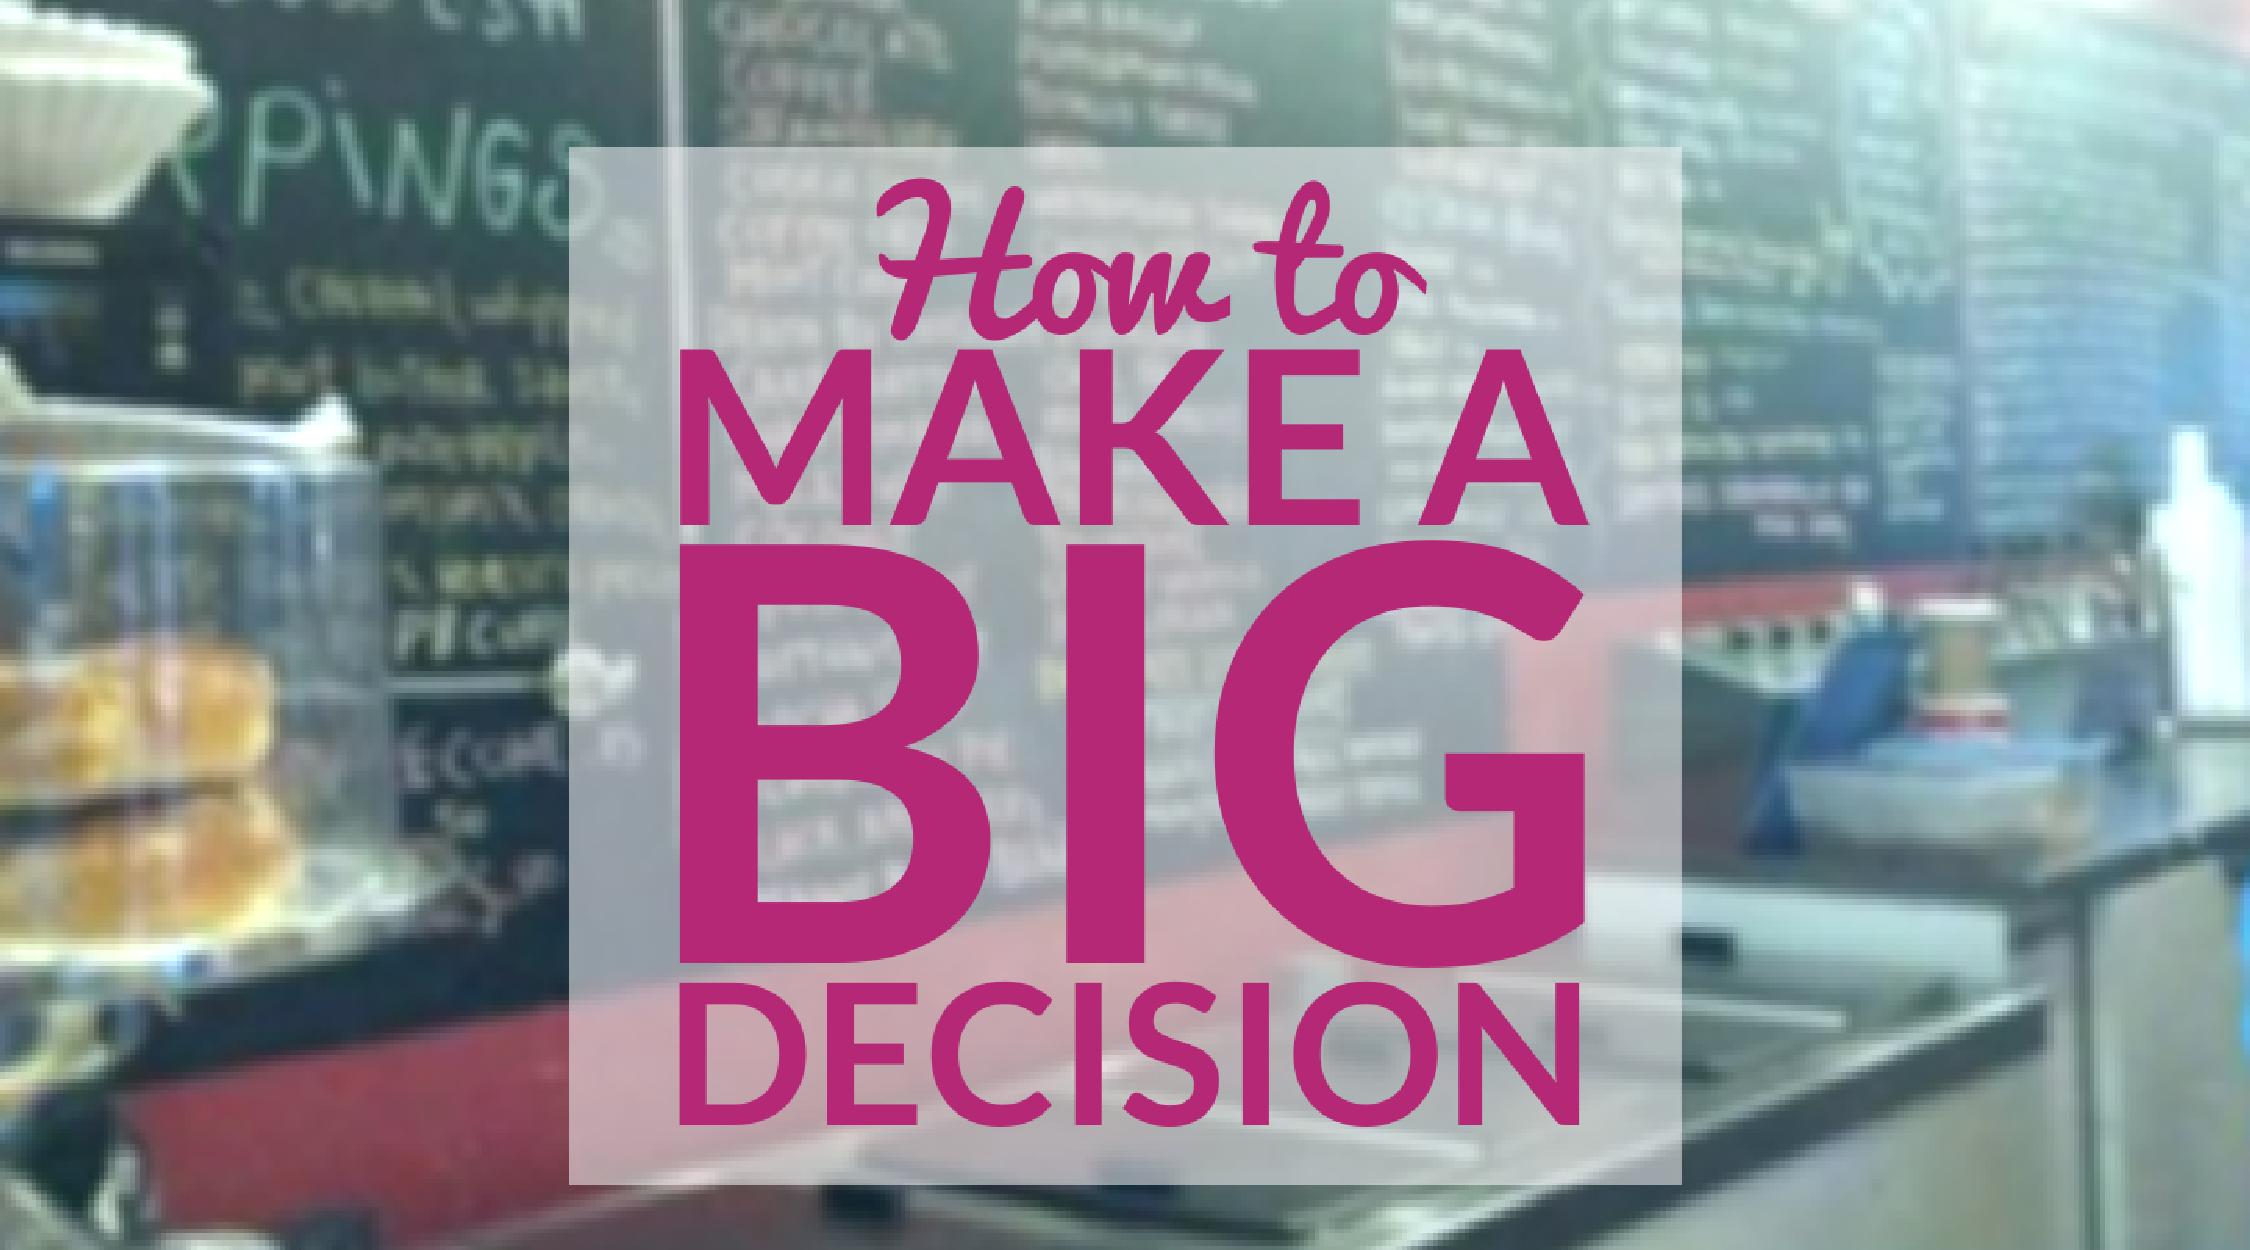 How to Make a Big Decision